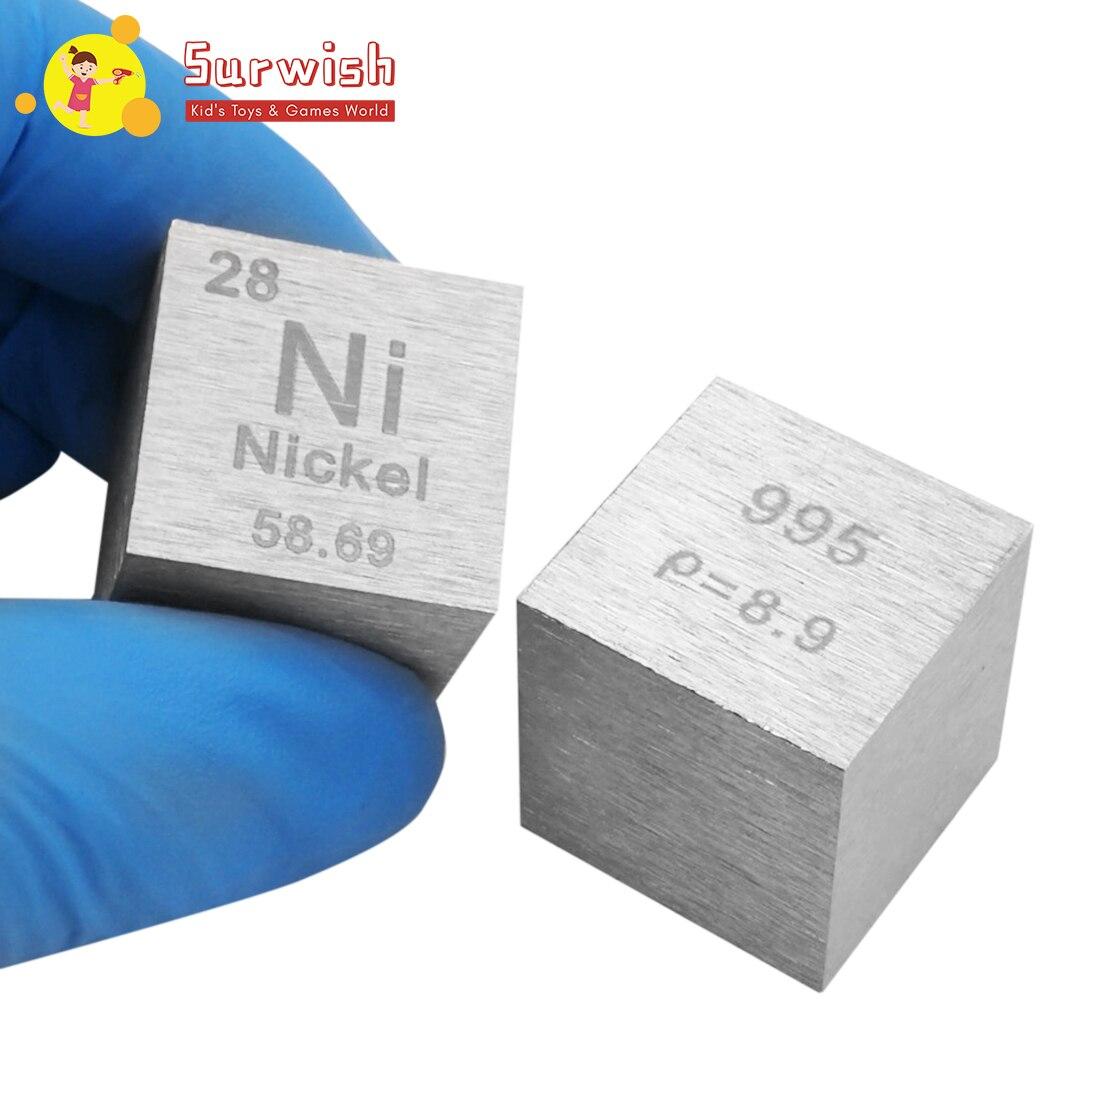 Jouets créatifs pour enfants 25.4X25.4X25.4mm dessin en fil de Nickel Cube Table périodique des éléments Cube (Ni≥99. 5%)